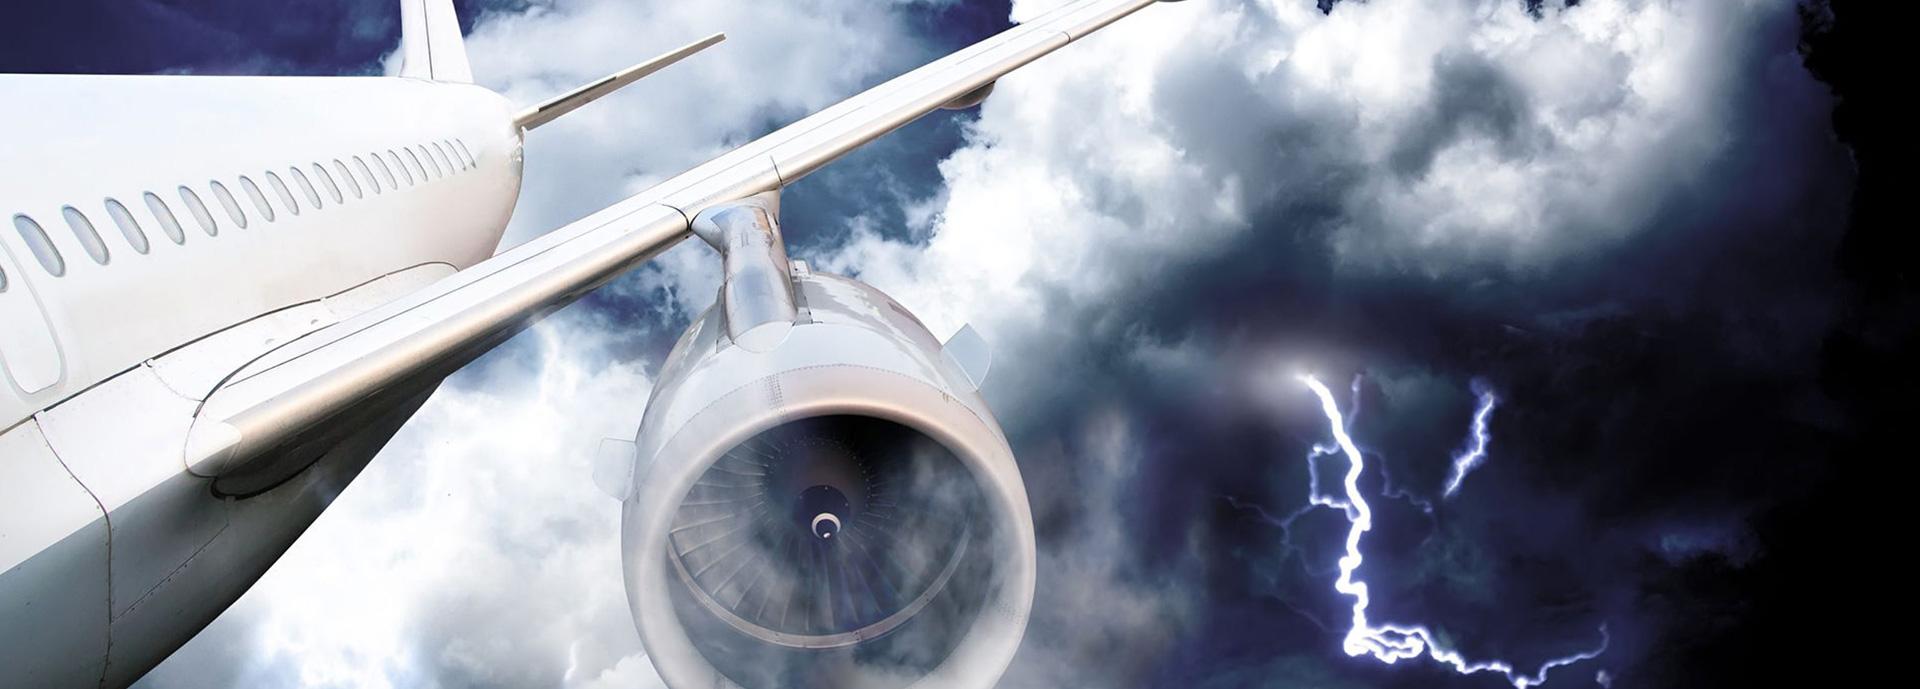 plane-crop